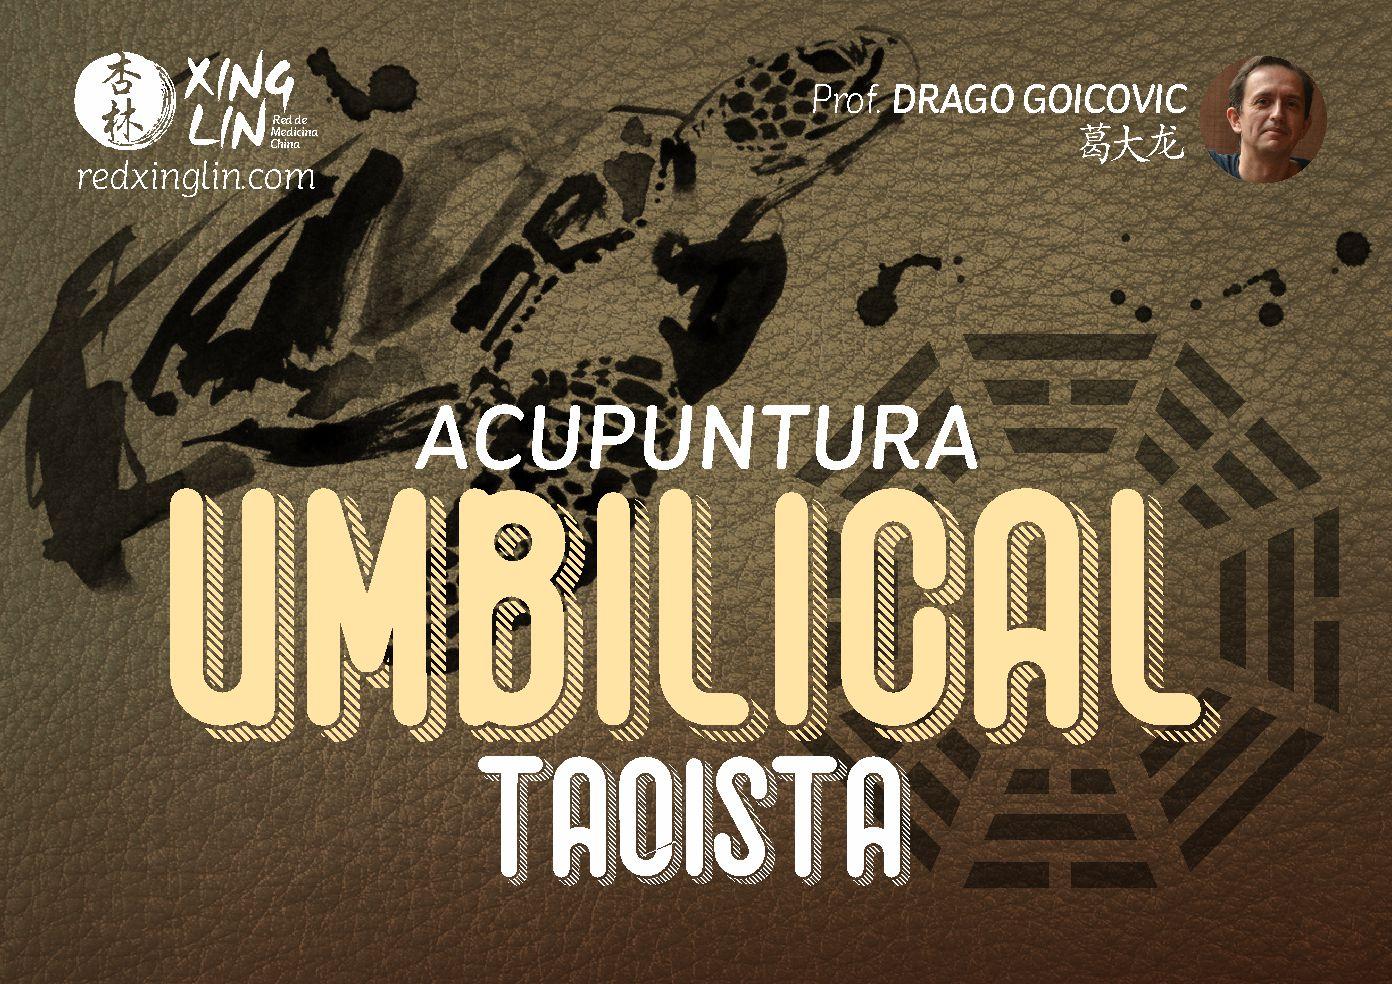 A. UMBILICAL